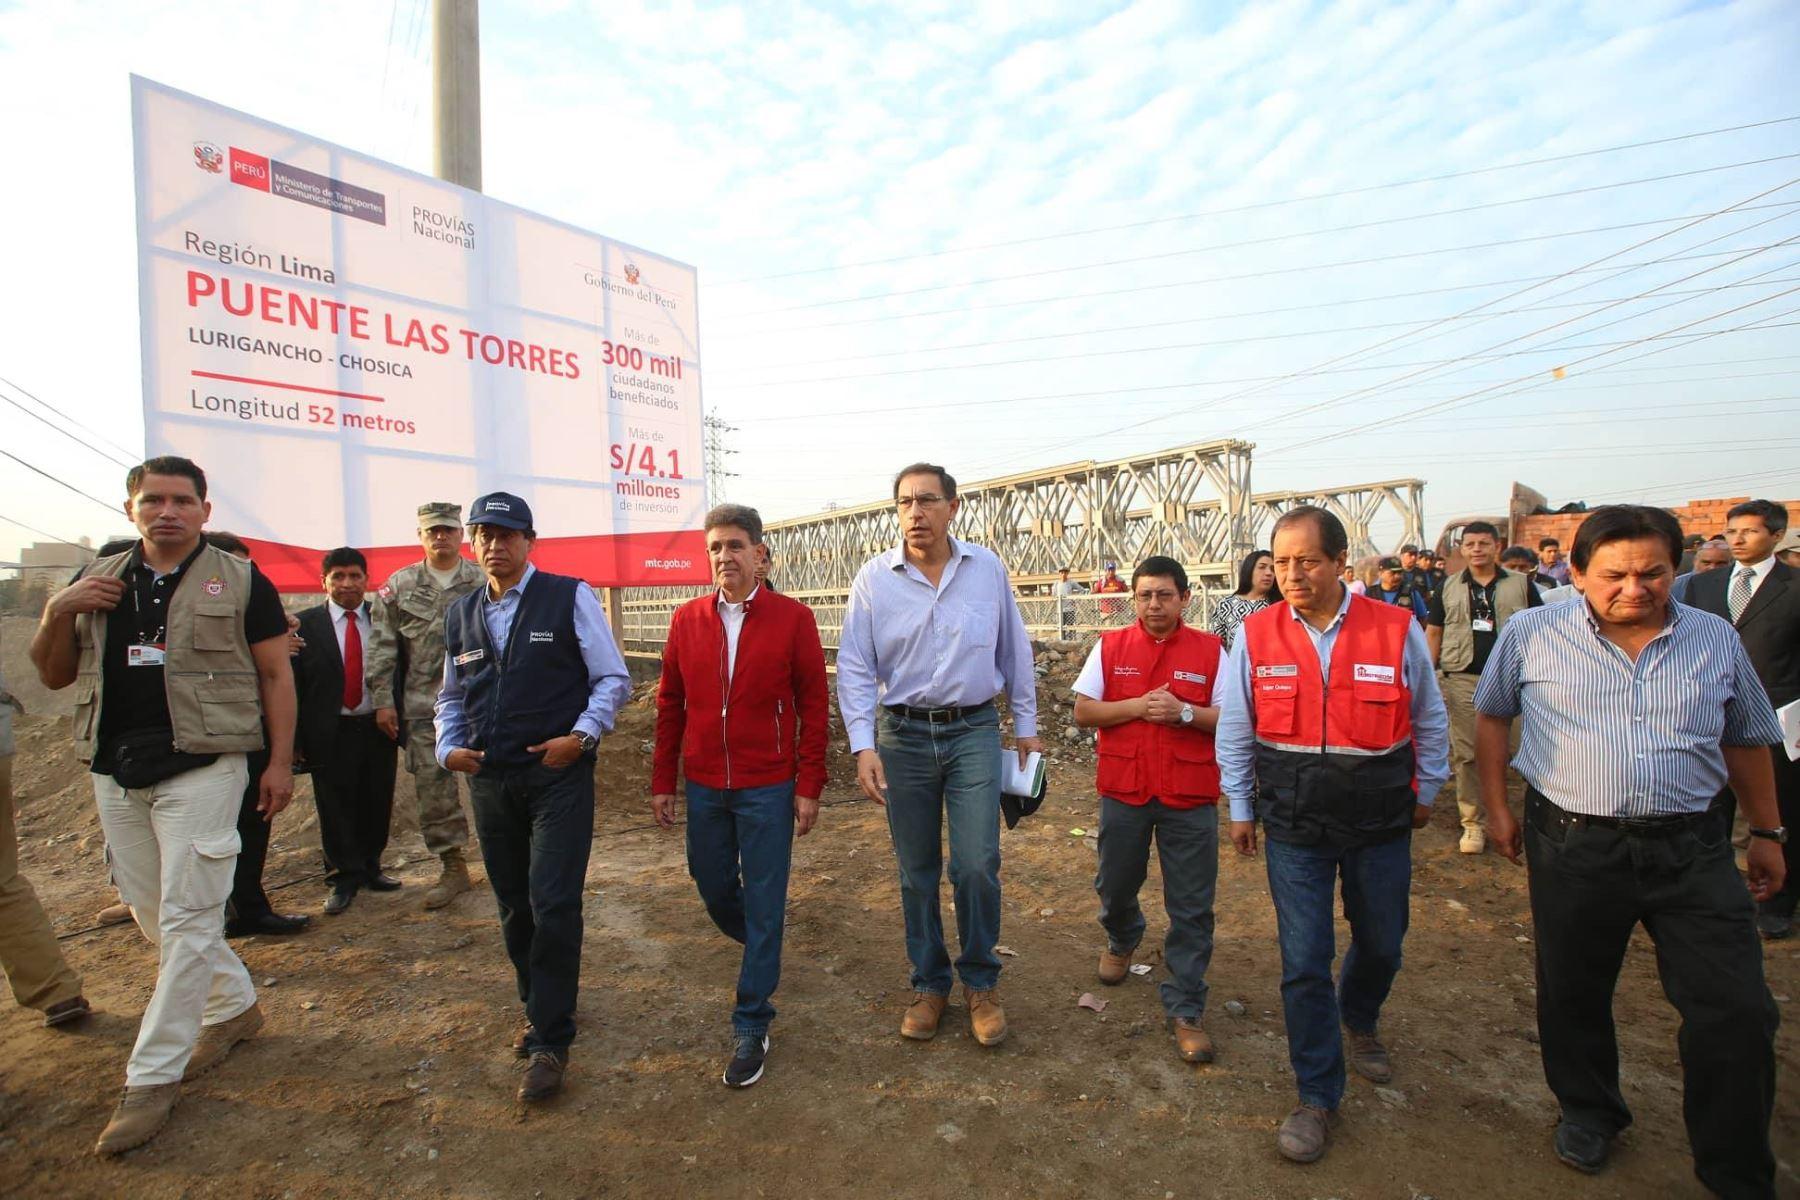 Presidente Vizcarra supervisa funcionamiento de puentes en Huachipa y Ñaña